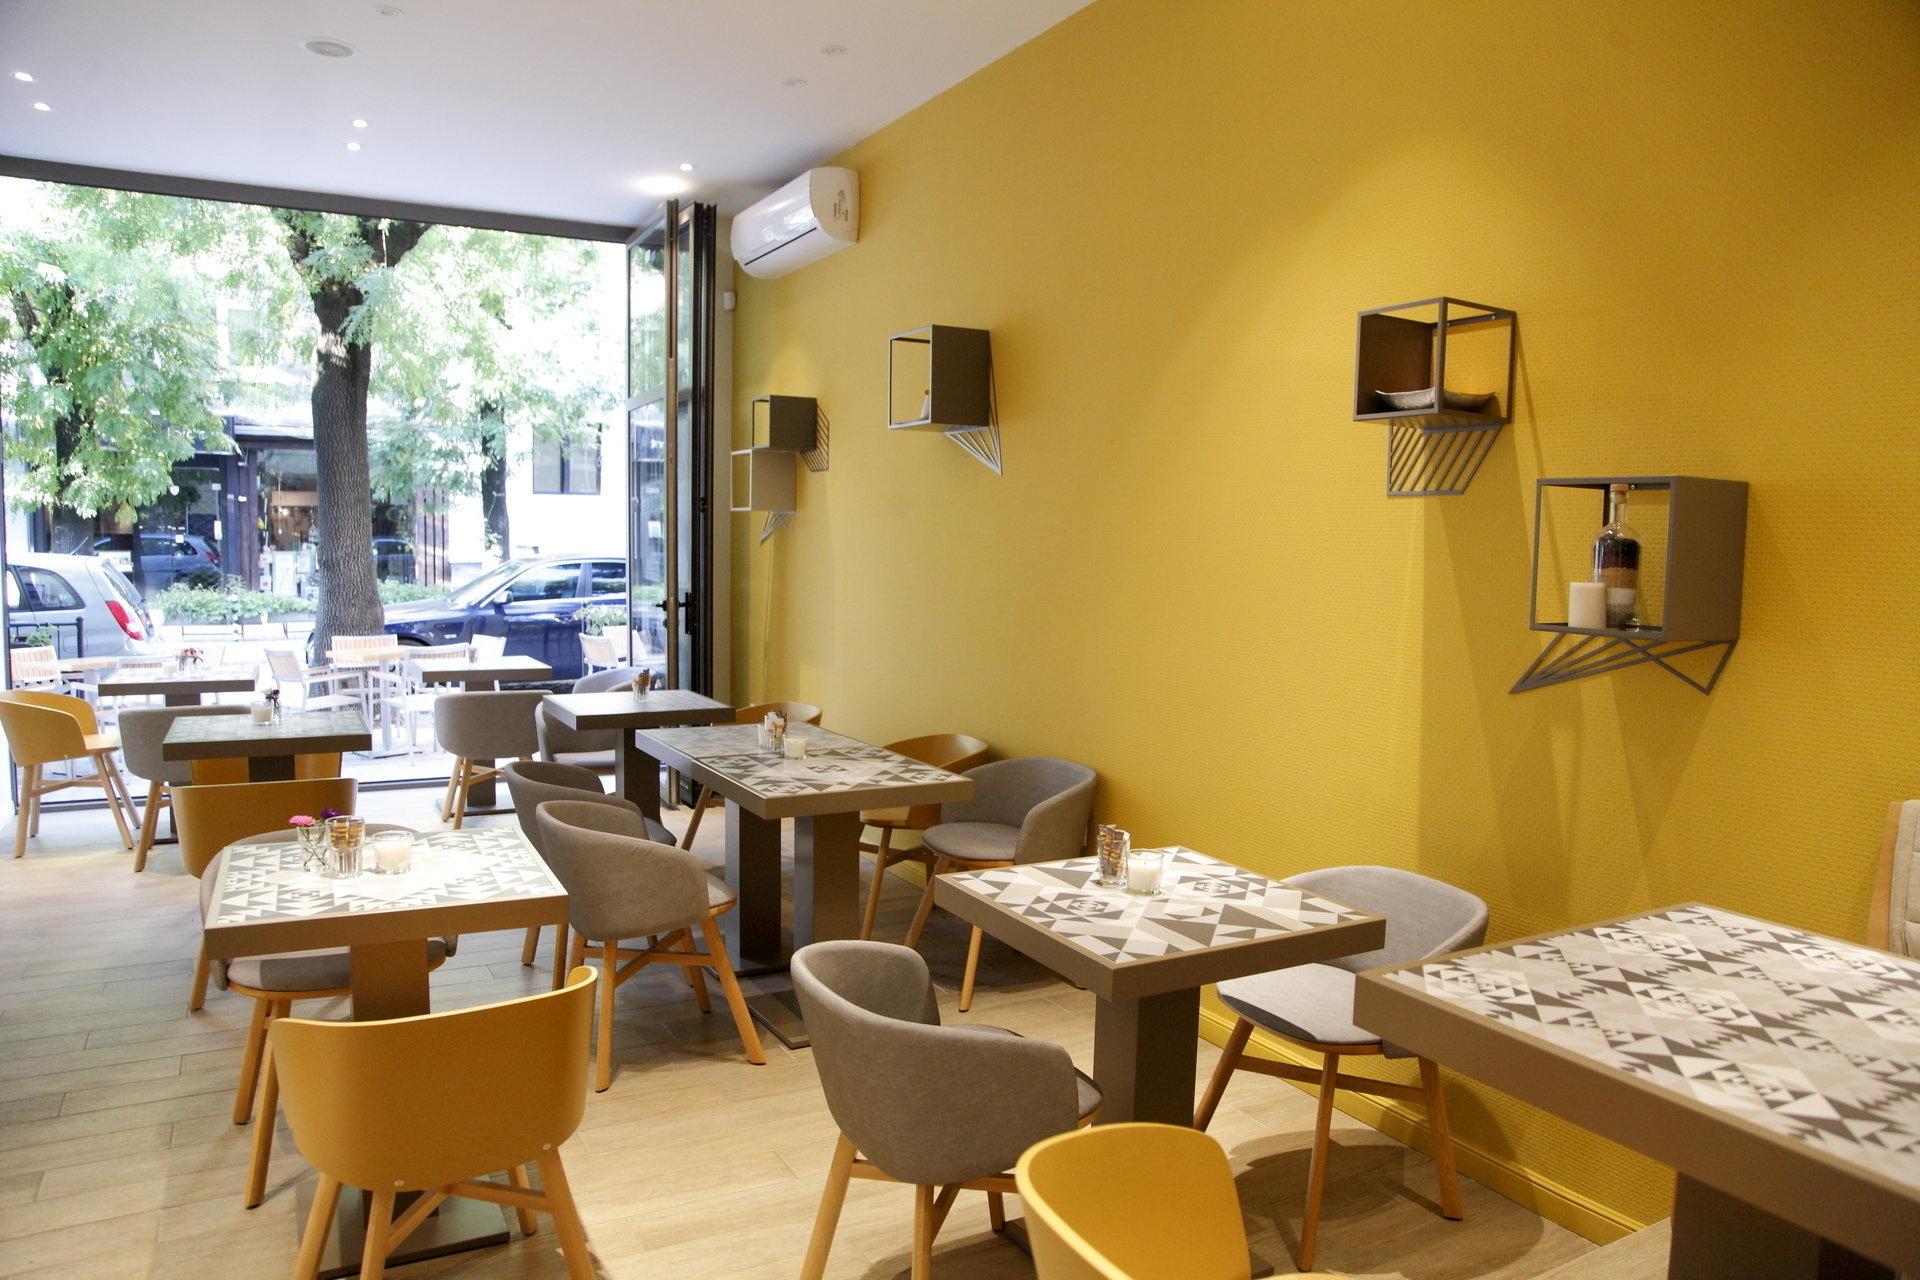 Cakey Bakey: A Work-Friendly Place in Sofia